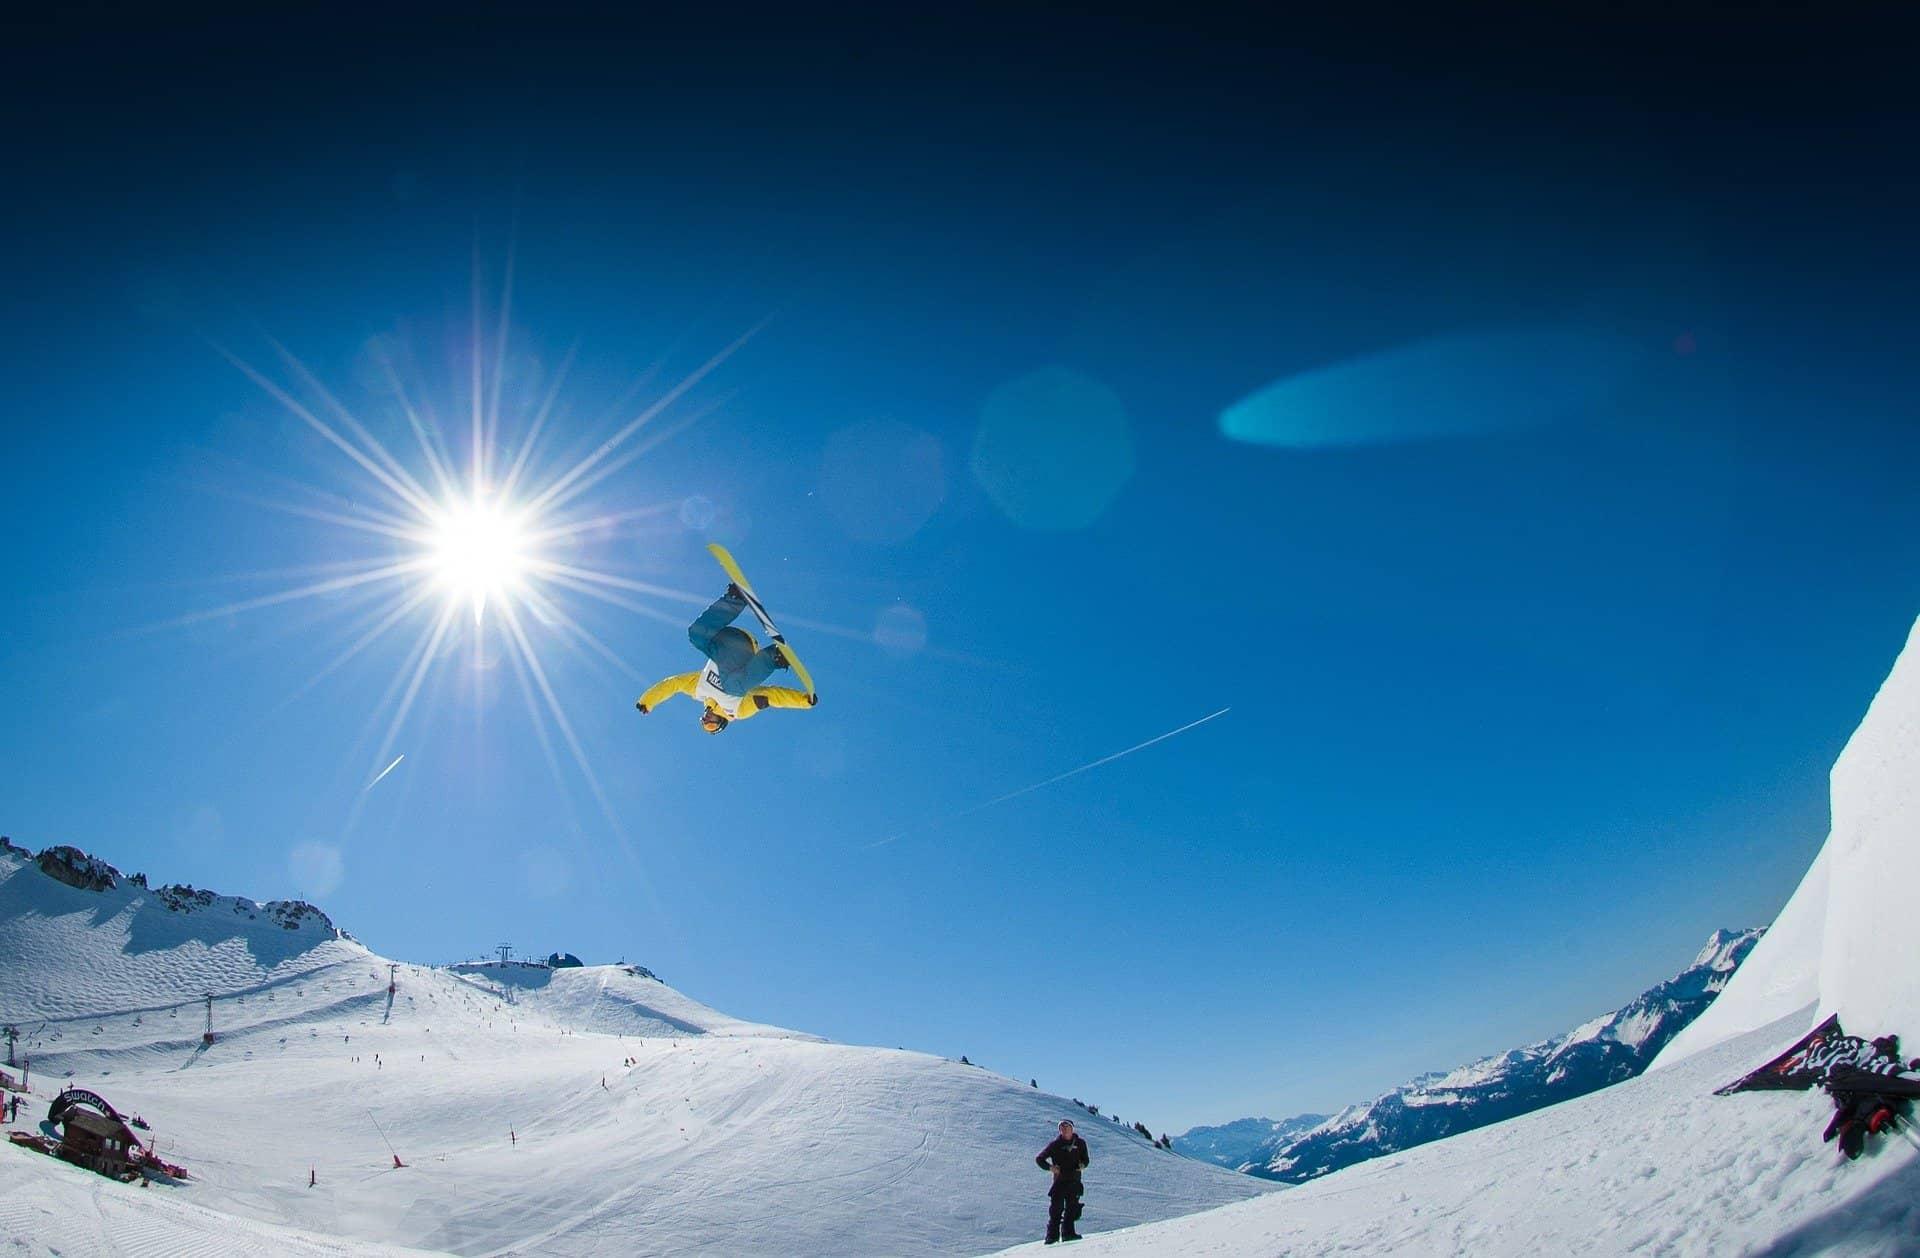 Skiurlaub Silvester - ab 89,00€ Neujahr im Schnee